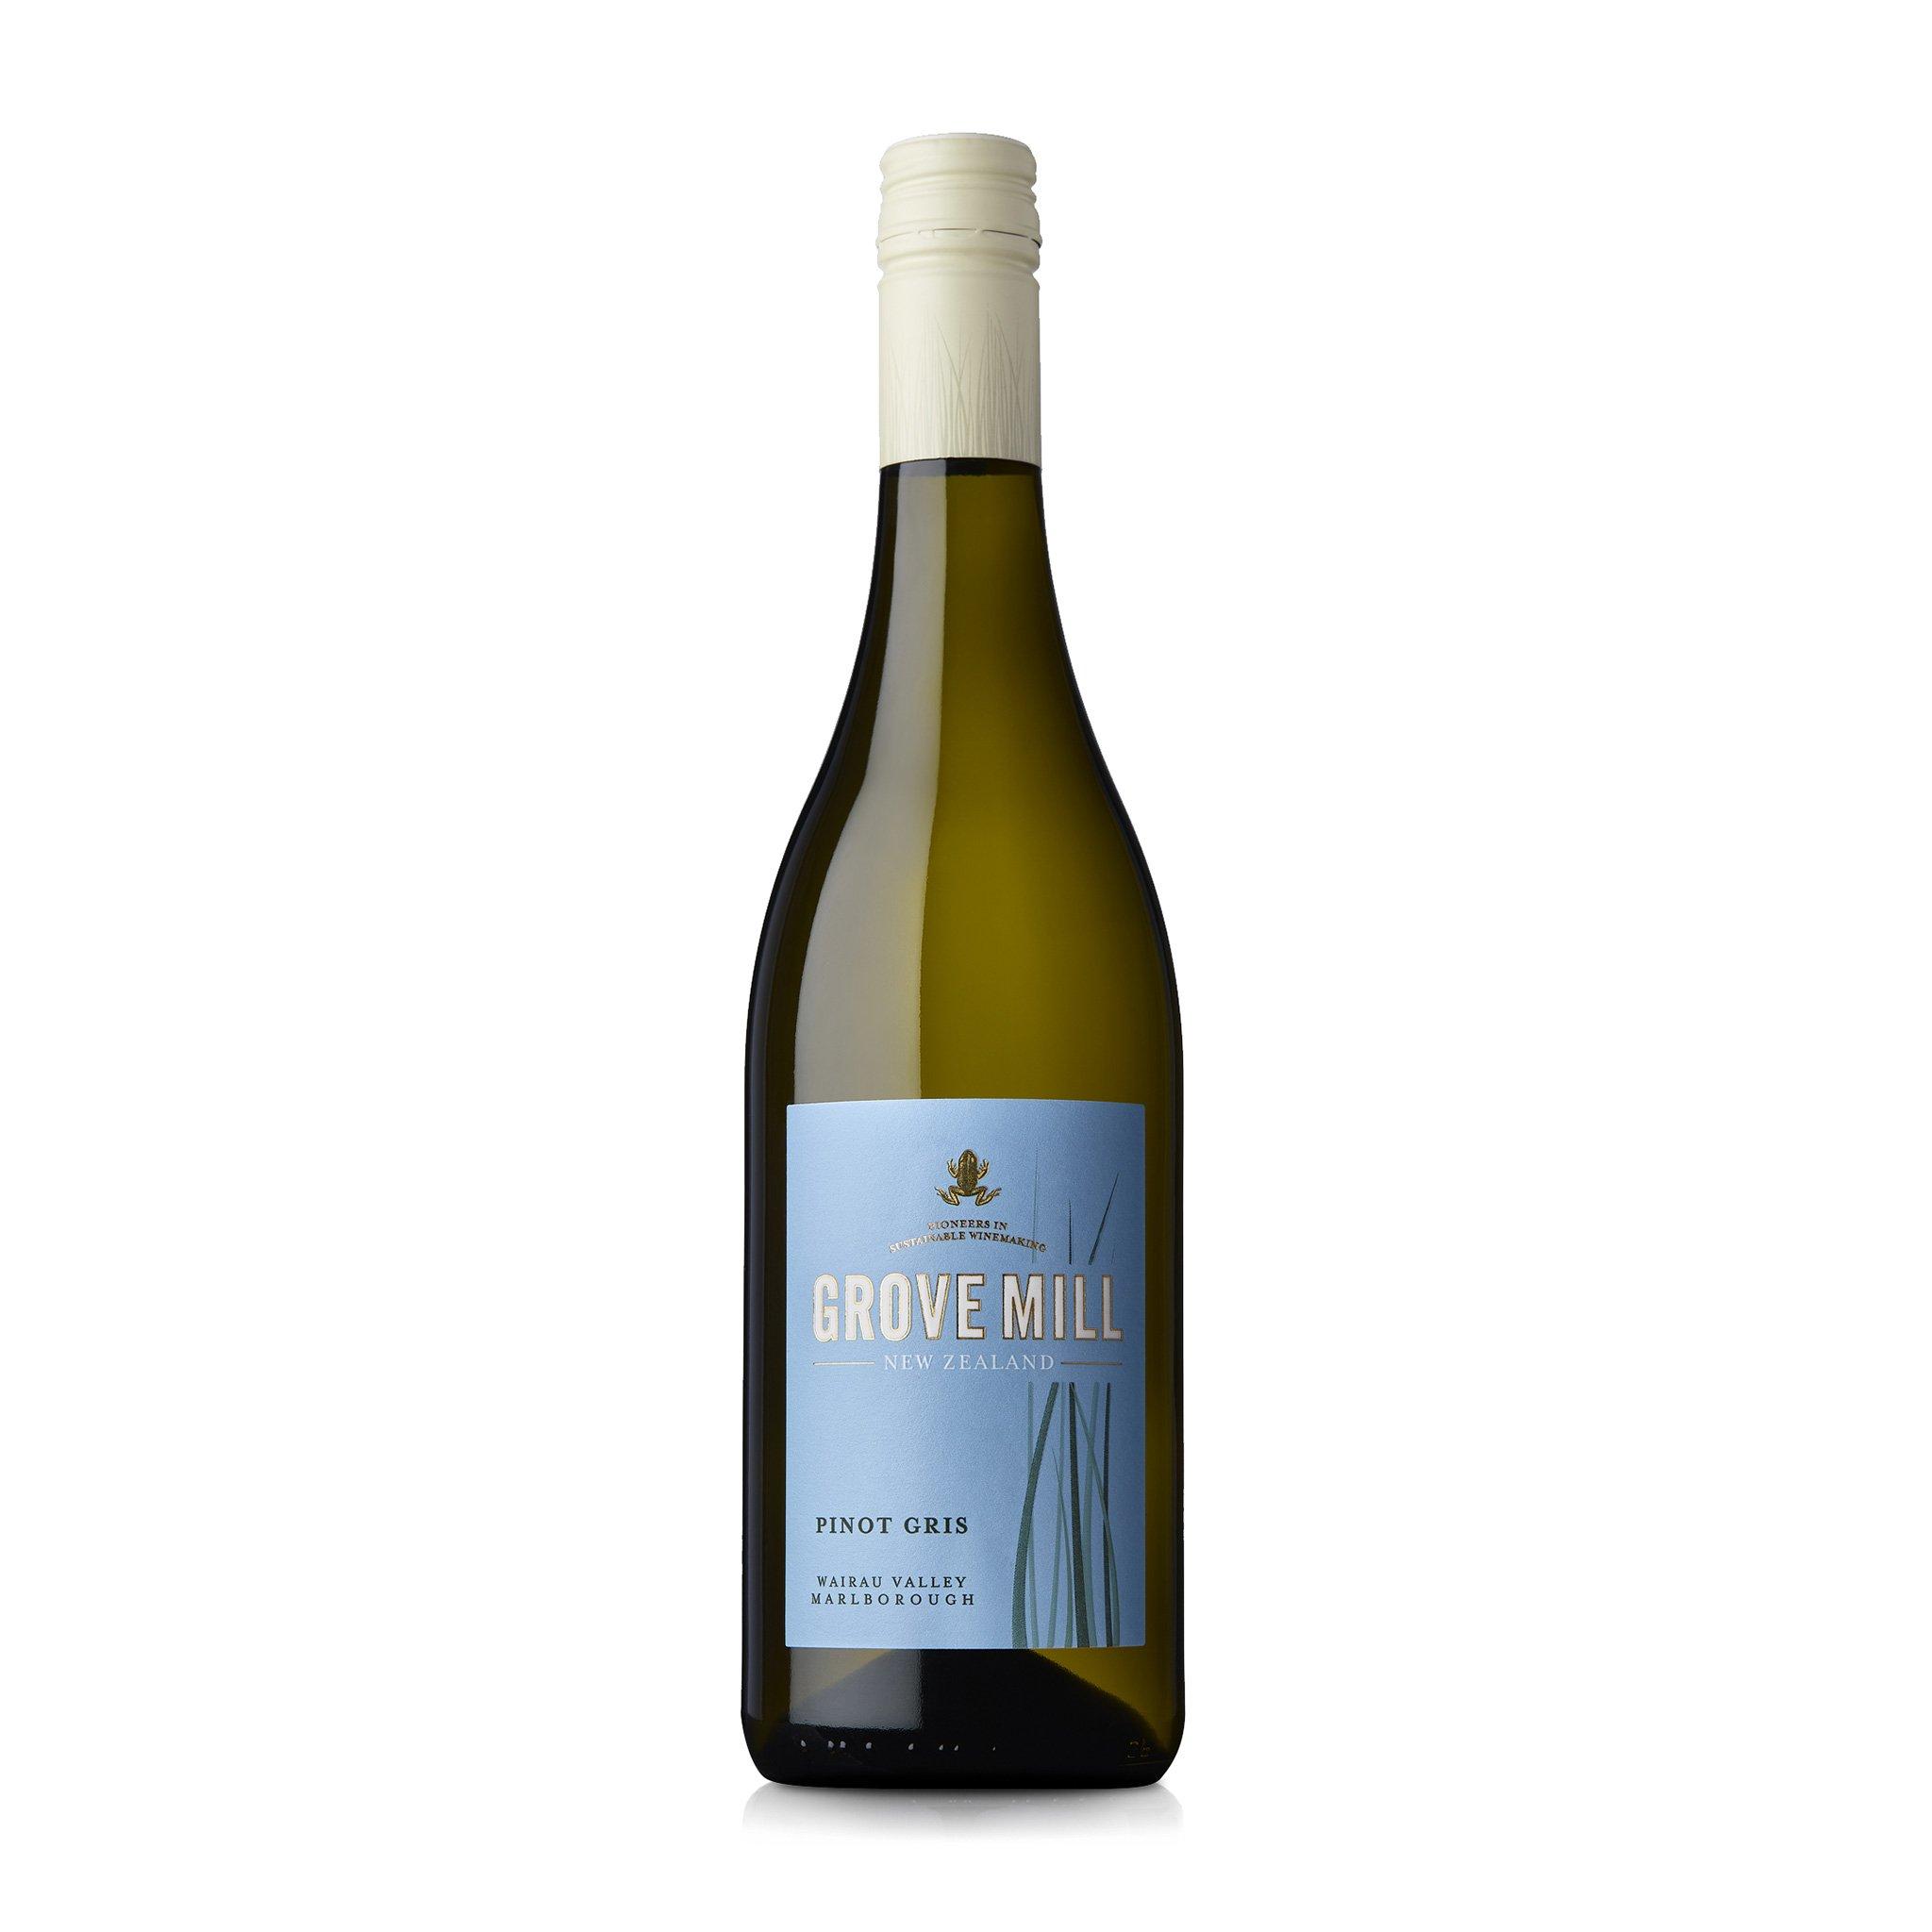 Grove Mill Pinot Gris 2019 12 Bottles